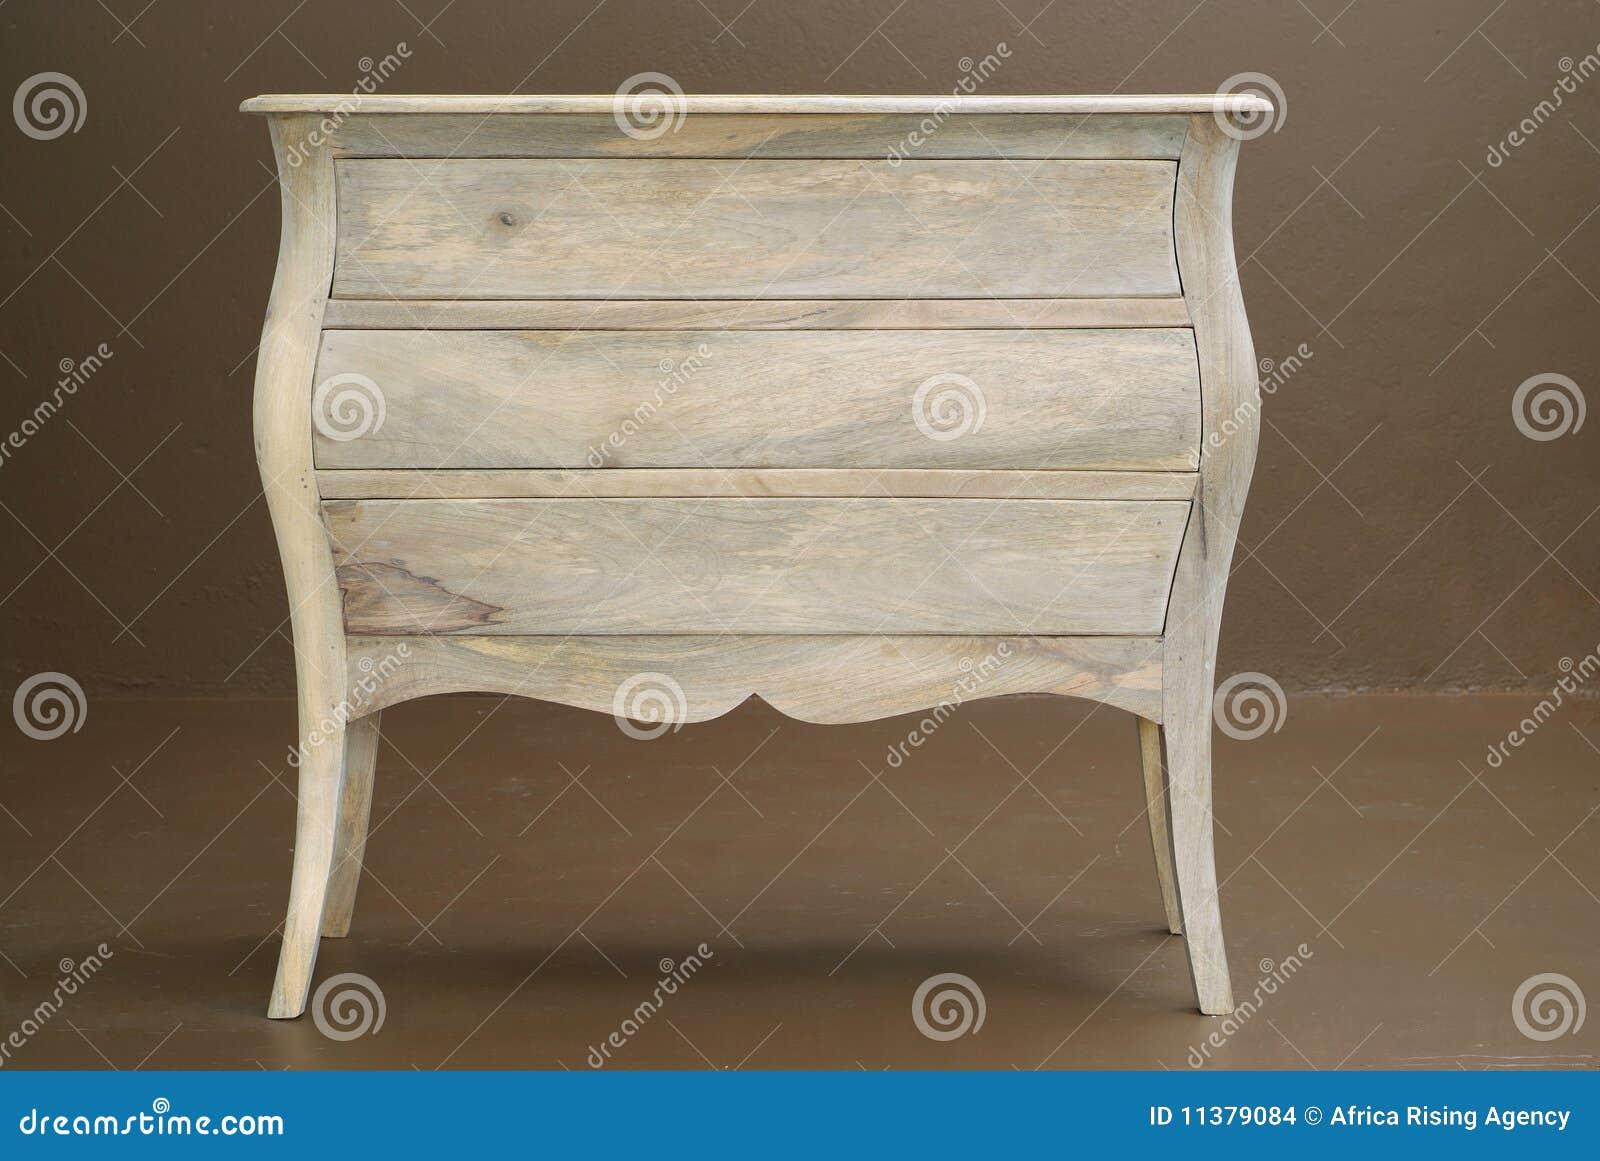 Aparelhador de madeira clássico